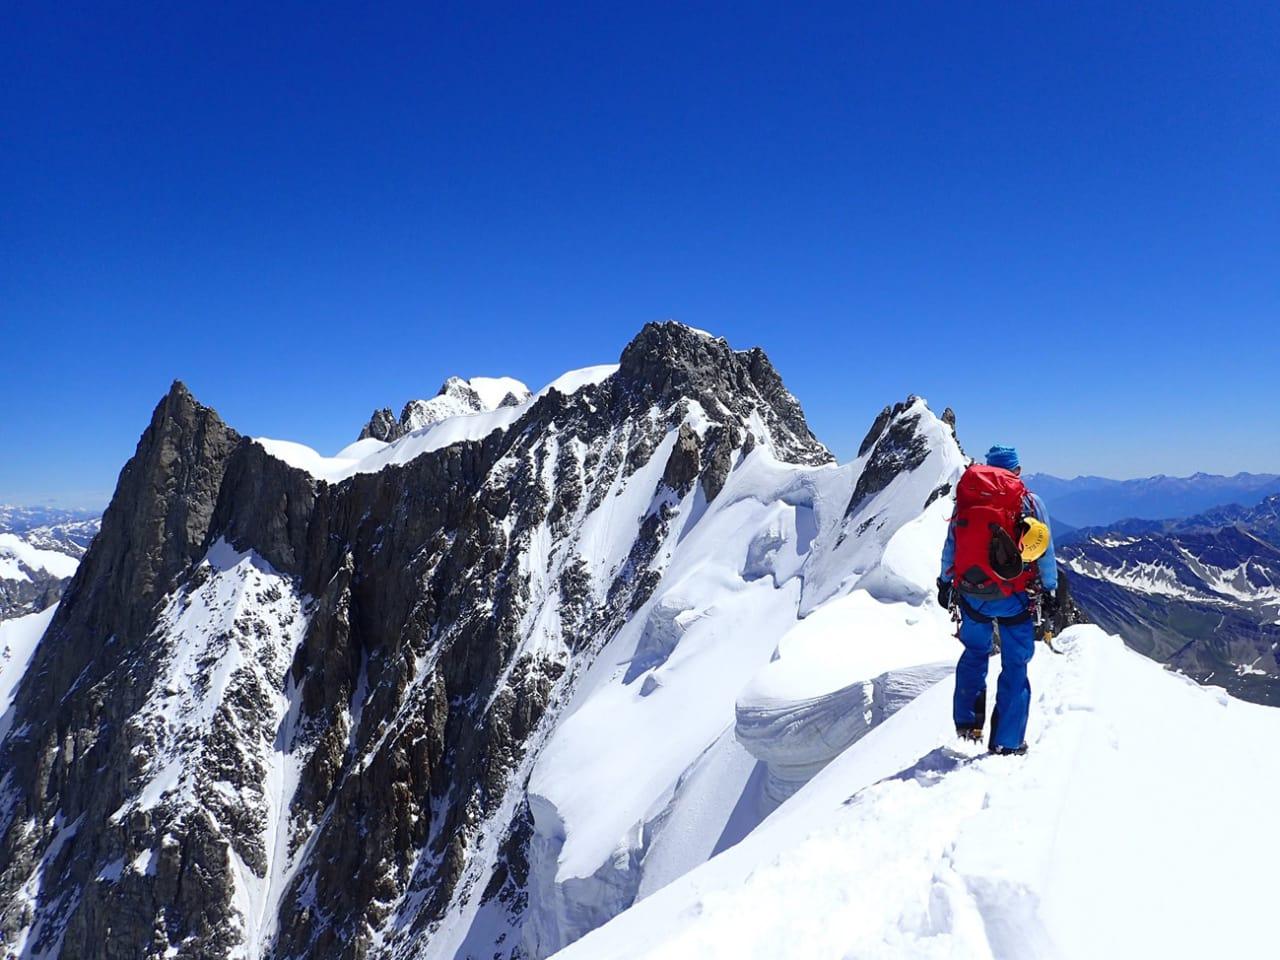 NÆR MÅLET: Tormod Granheim mangler bare tre fjelltopper i Sveits før han har nådd drømmen om å bestige alle 4000-meterne i Alpene. Her er han på vei mot Grandes Jorasses i Chamonix. Foto: Signar Nilsen